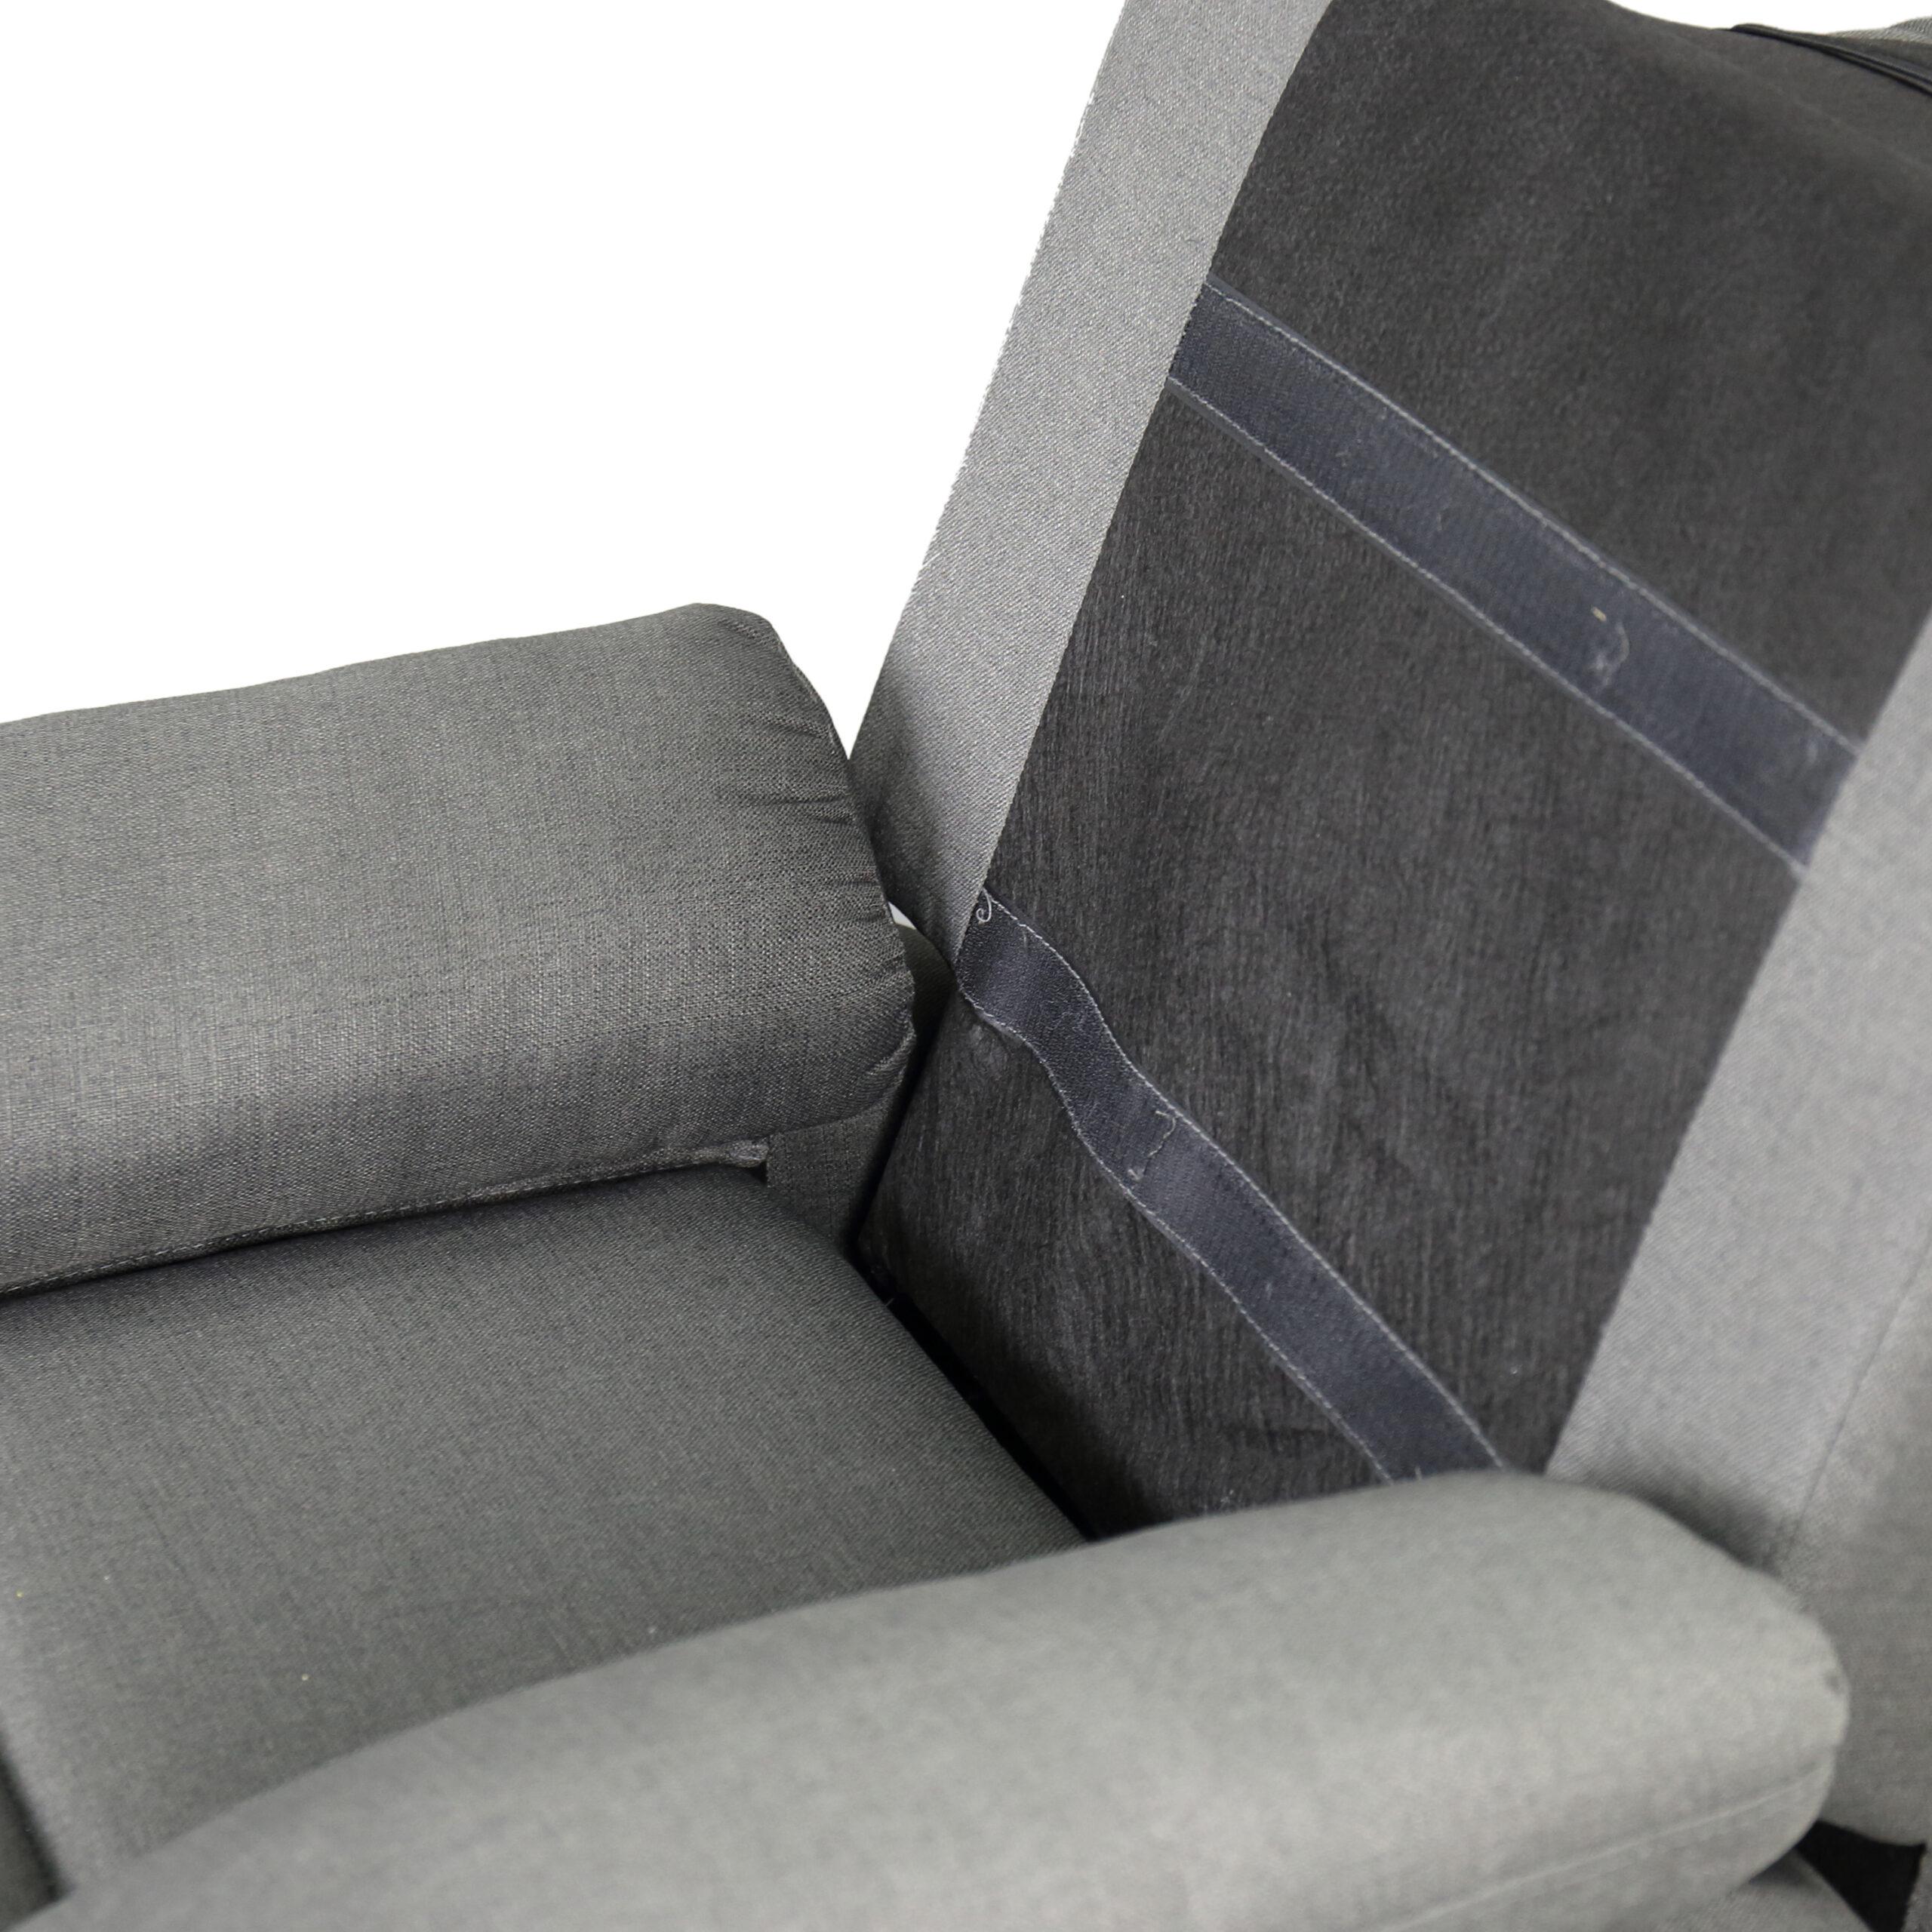 Full Size of Garten Liegestuhl Verstellbar Elektrisch Verstellbare Liegesessel Ikea Fernsehsessel Tv Sessel Relaxsessel Liegefunktion 180 Sofa Mit Verstellbarer Sitztiefe Wohnzimmer Liegesessel Verstellbar